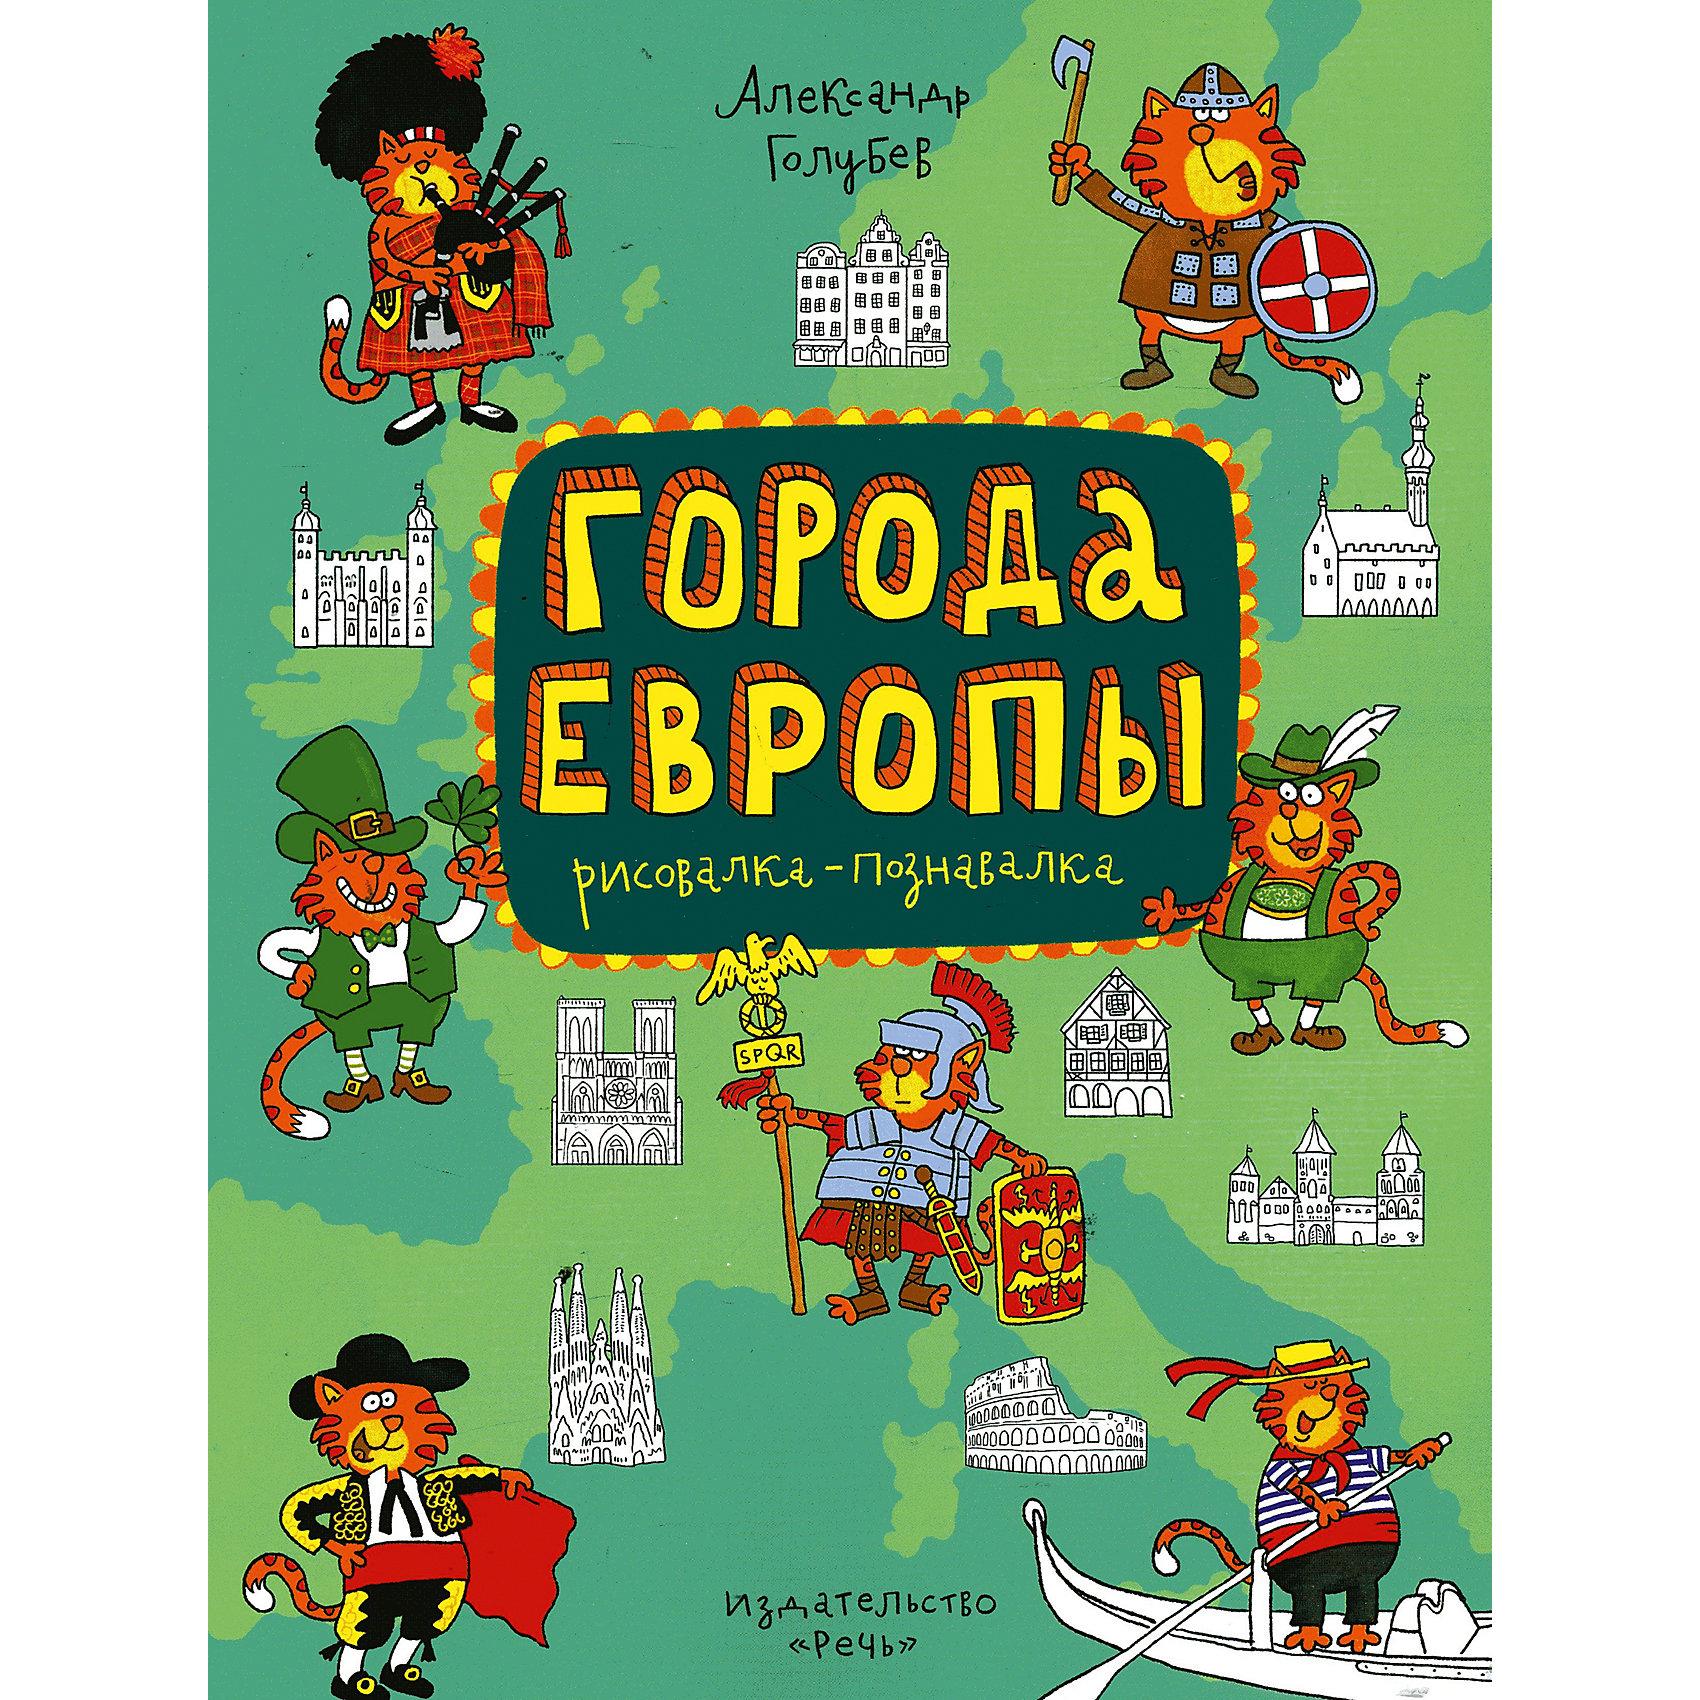 Города Европы, А. ГолубевЭнциклопедии<br>Города Европы, А. Голубев – это увлекательная рисовалка-познавалка с множеством творческих заданий.<br>В Европе очень необычно и красиво, а интересные места встречаются на каждом шагу, - так считает кот Батон, самый умный и проницательный путешественник. Батон уже проложил захватывающий маршрут - ему не терпится отправиться в дорогу! А ты готов вместе с ним заглянуть в самые удивительные и живописные уголки европейских городов? На страницах этой книги тебя ждут новые места и интересные открытия, огромное количество современных достопримечательностей и исторических памятников, овеянных мифами и легендами, а также творческие задания: находилки, найди отличия, придумай и нарисуй, дорисуй архитектурные сооружения с мелкими деталями.<br><br>Дополнительная информация:<br><br>- Автор: Голубев Александр<br>- Издательство: Речь, 2015 г.<br>- Серия: Фантазируй, твори, развивайся<br>- Тип обложки: мягкий переплет (крепление скрепкой или клеем)<br>- Иллюстрации: черно-белые, цветные<br>- Количество страниц: 64 (офсет)<br>- Размер: 288x210x6 мм.<br>- Вес: 262 гр.<br><br>Книгу Города Европы, А. Голубев можно купить в нашем интернет-магазине.<br><br>Ширина мм: 212<br>Глубина мм: 5<br>Высота мм: 288<br>Вес г: 290<br>Возраст от месяцев: 0<br>Возраст до месяцев: 96<br>Пол: Унисекс<br>Возраст: Детский<br>SKU: 4522390